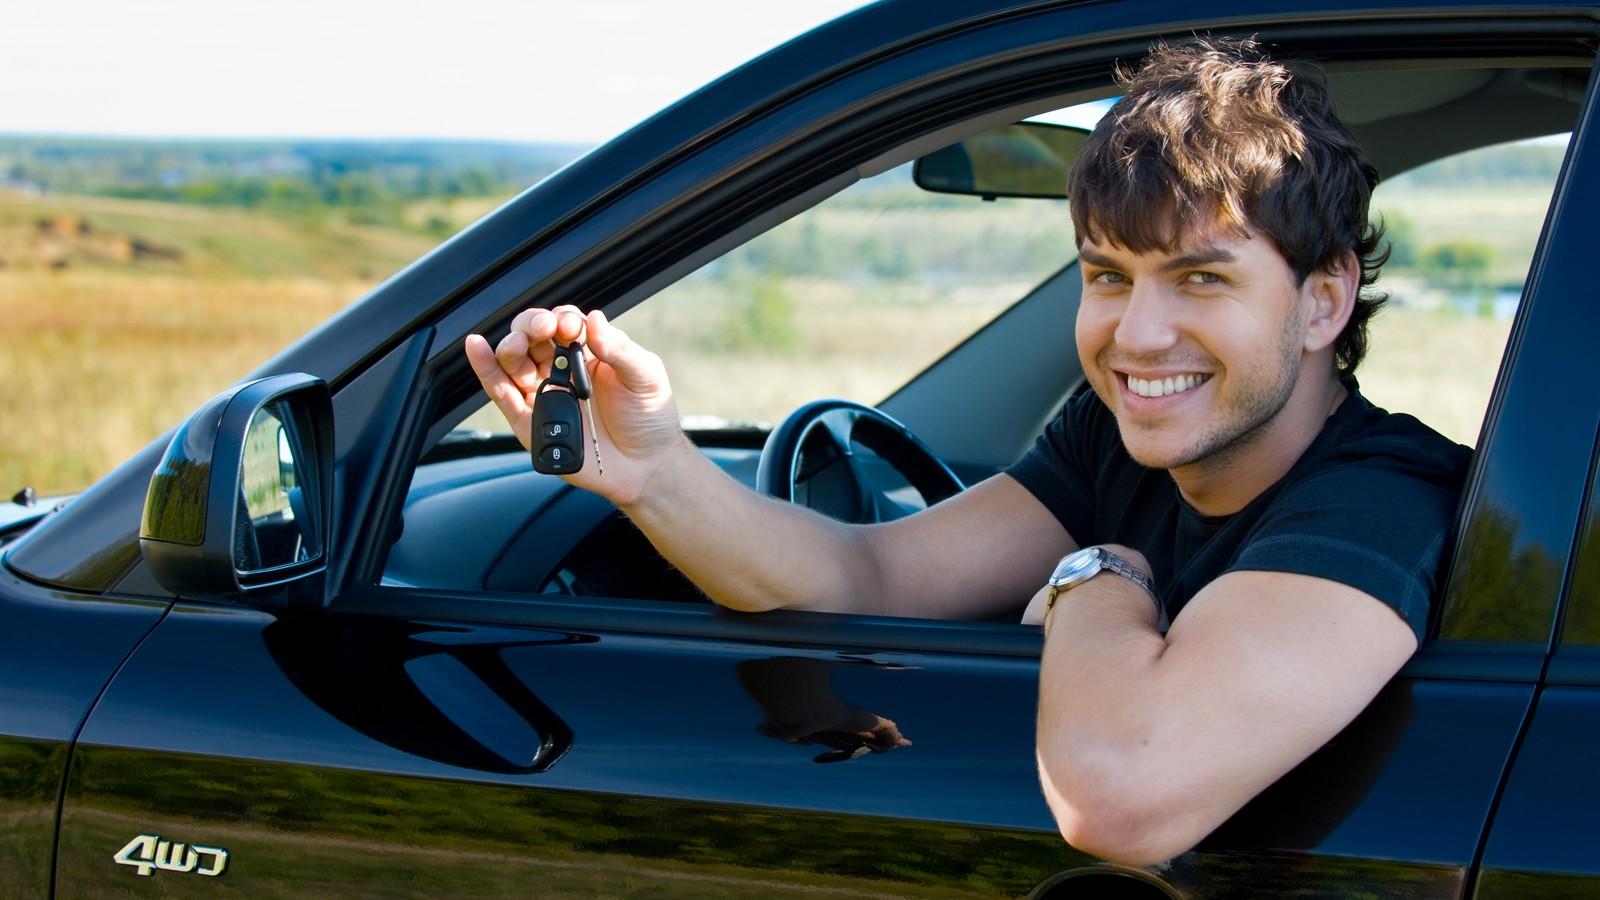 happy man showing keys in car